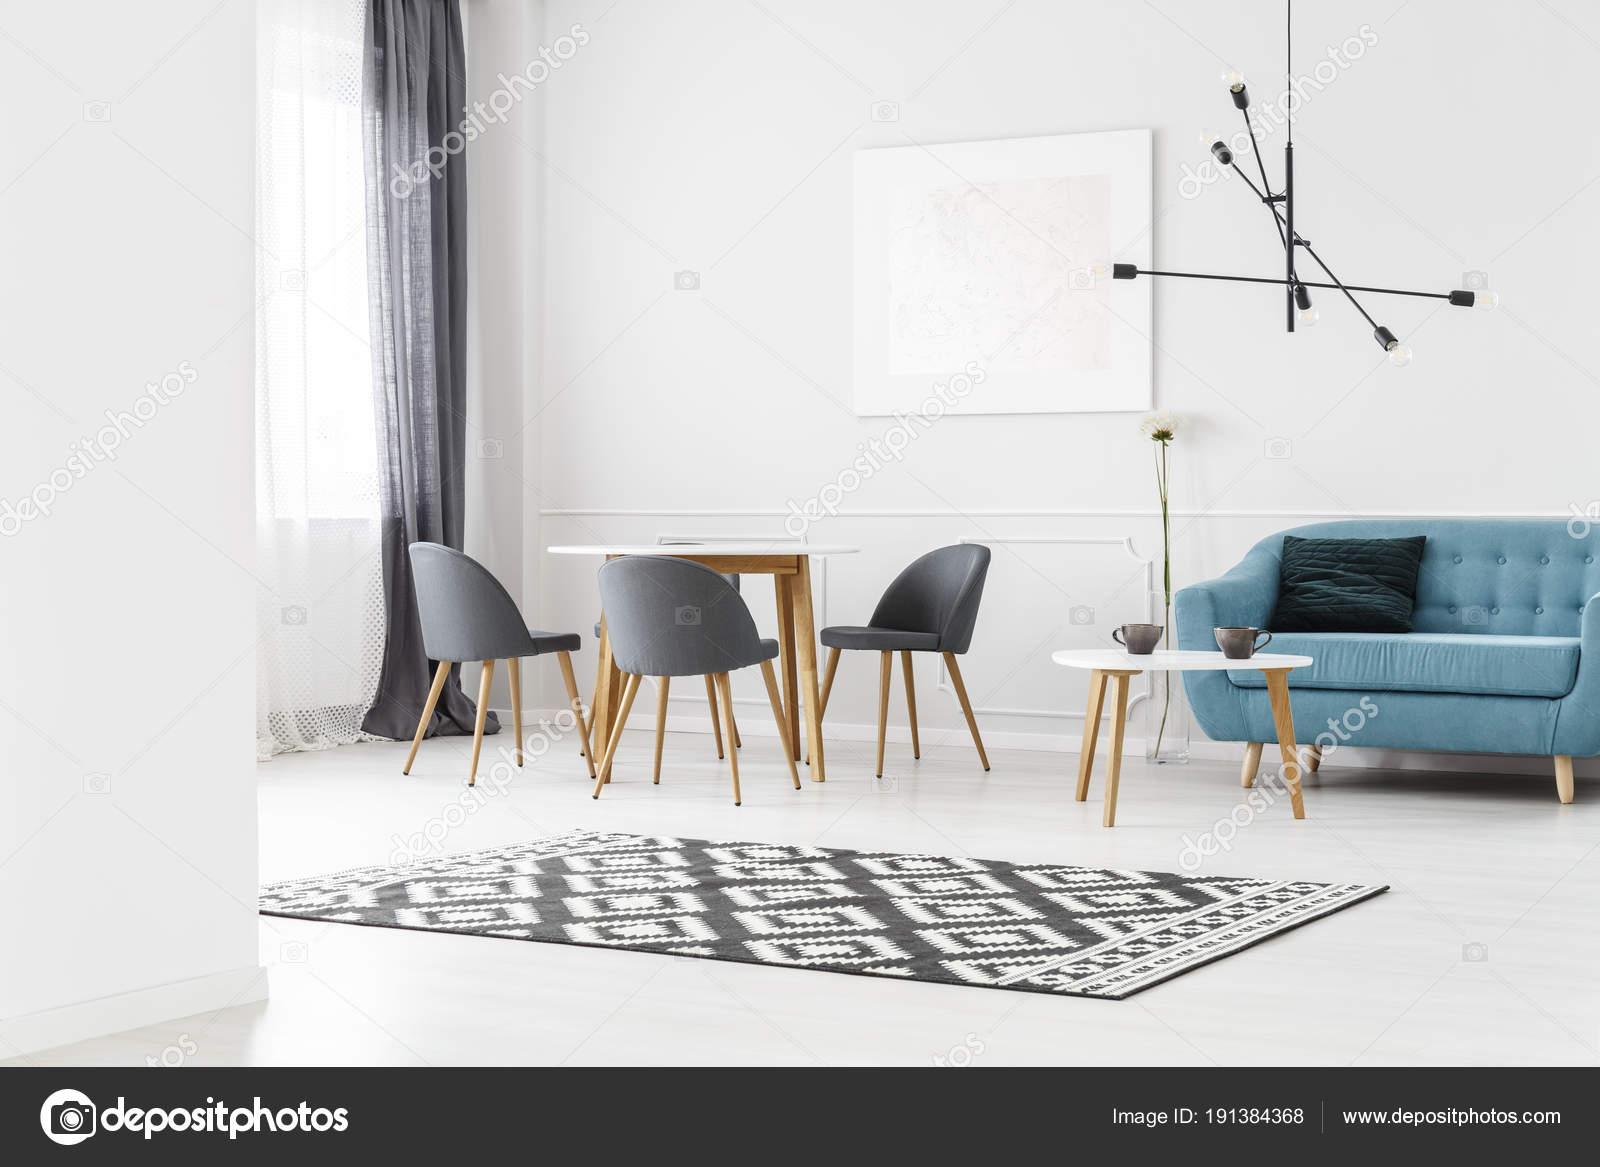 einfache Wohnzimmer — Stockfoto © photographee.eu #191384368